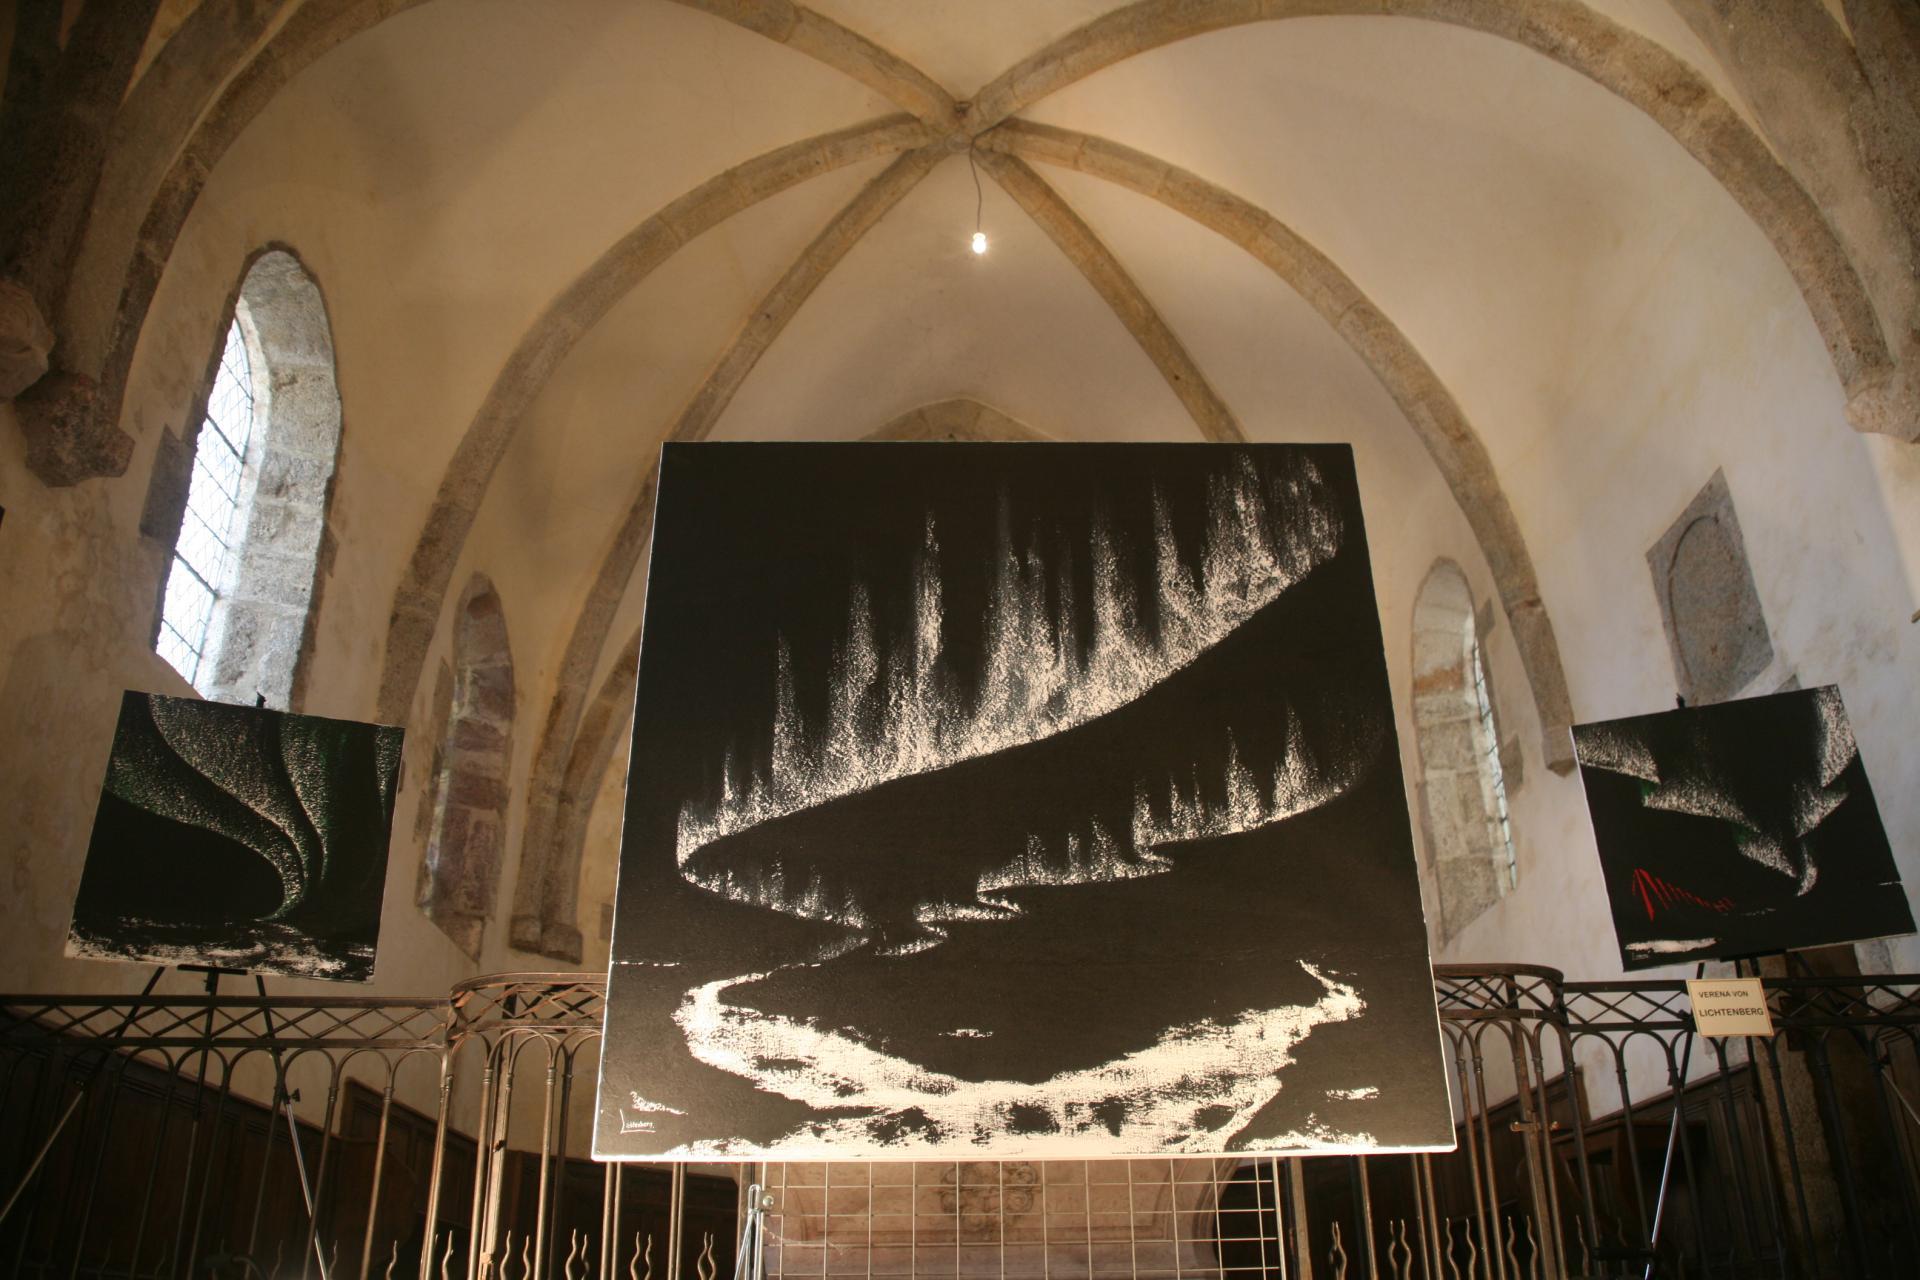 Saulieu eine ausstellung der malerin verena von lichtenberg ihre bilder und gemalde sind in saulieu in der kirche st saturnin in saulieu